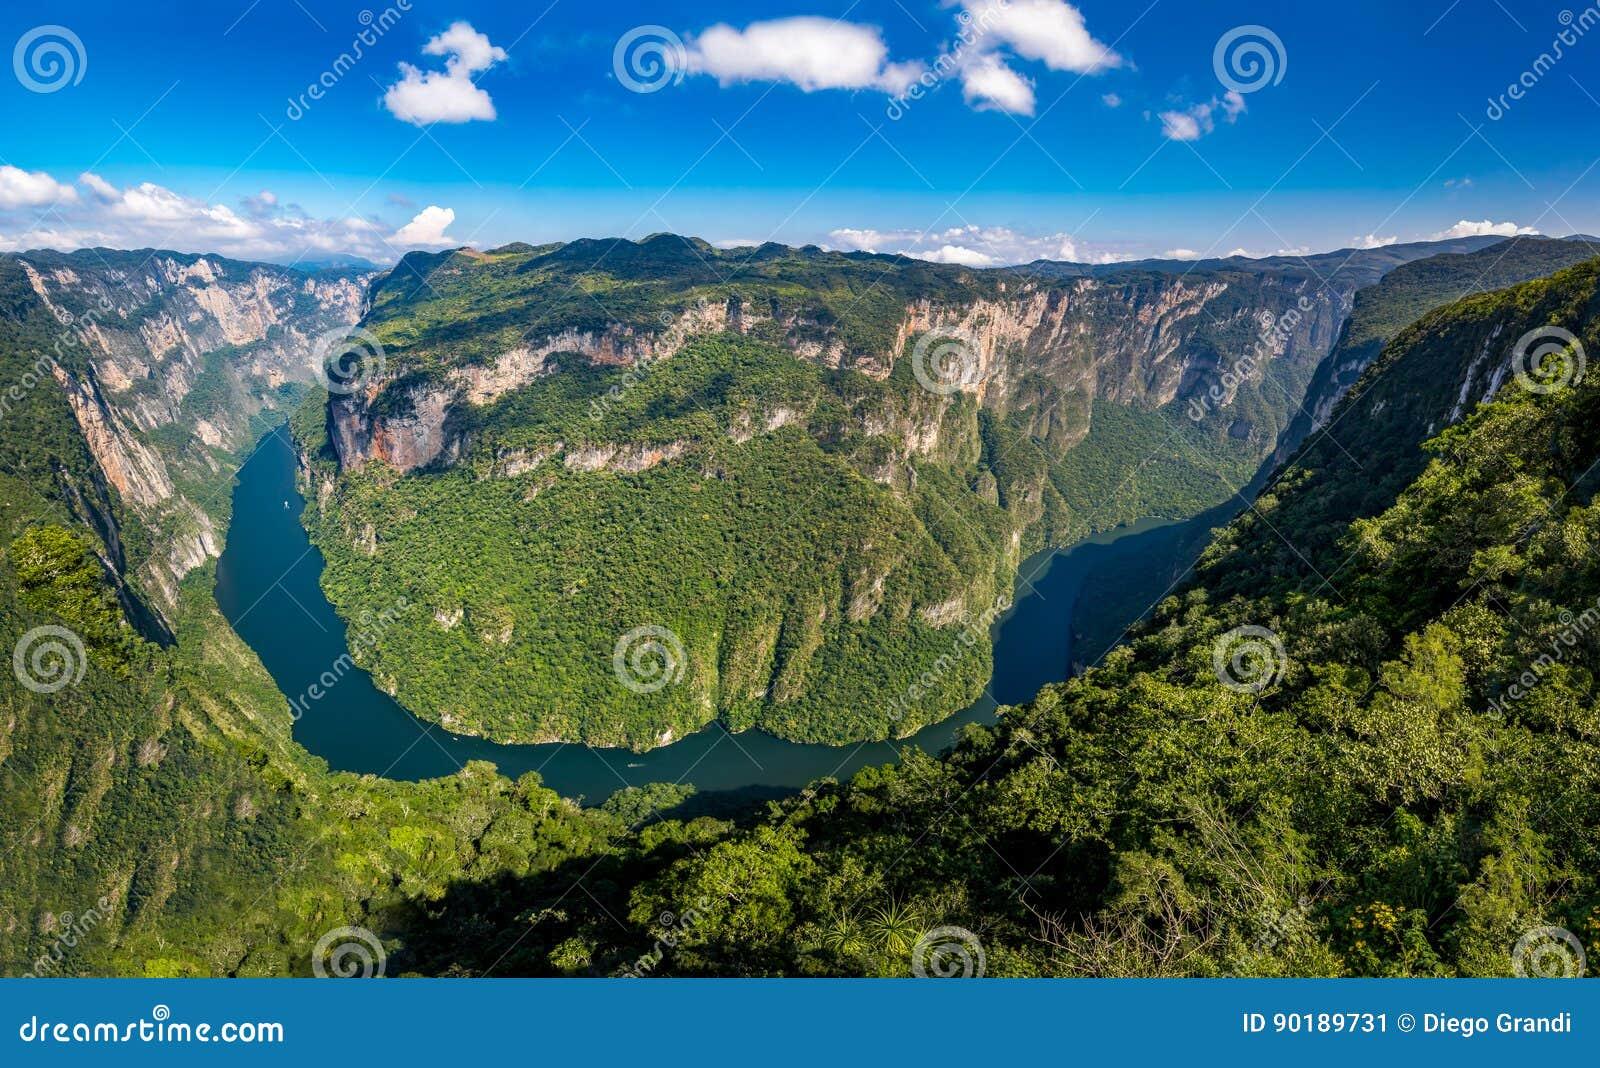 Осмотрите сверху каньон Sumidero - Чьяпас, Мексику